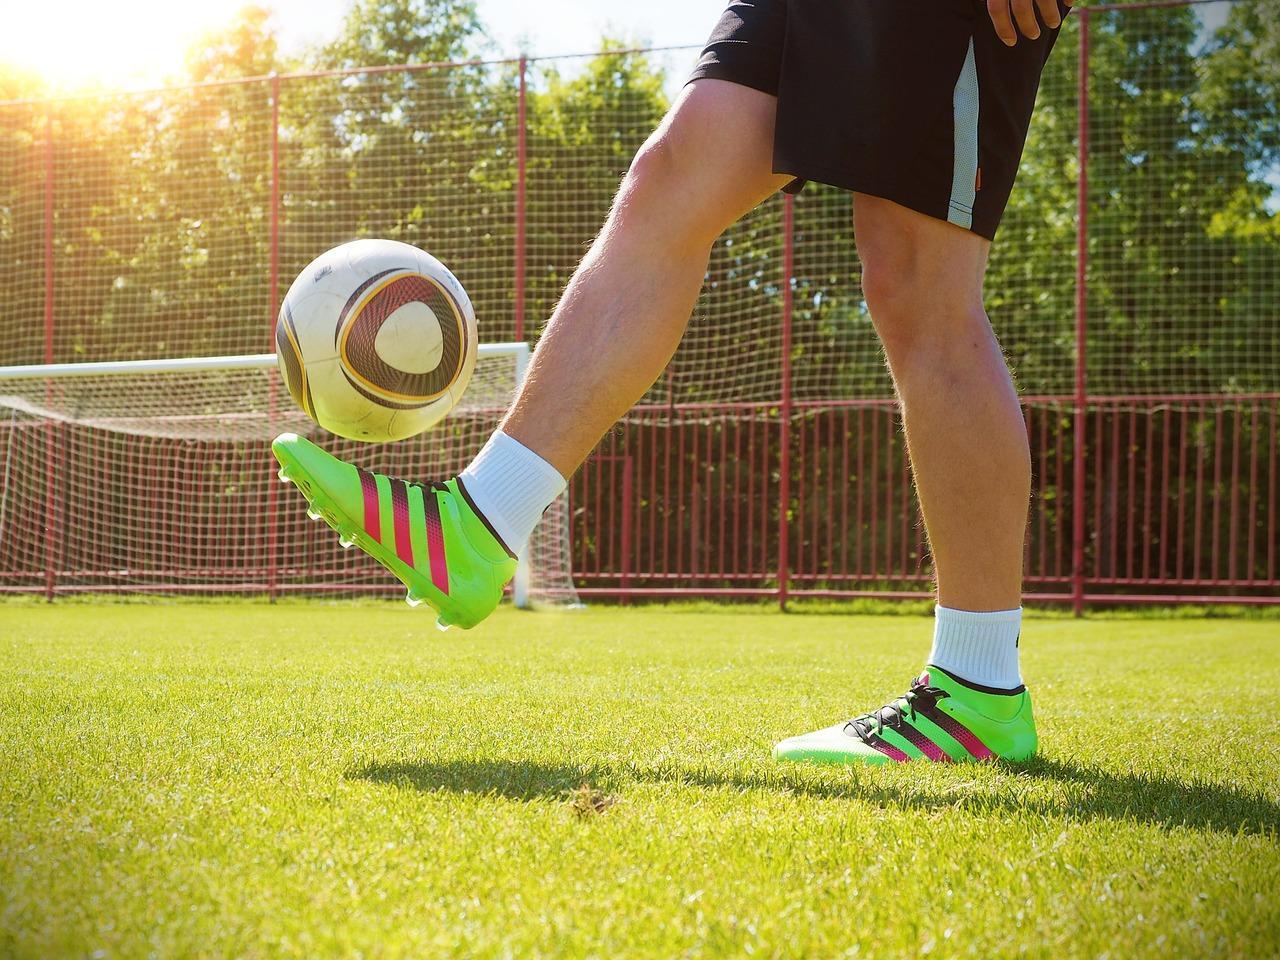 Cómo elegir zapatillas para fútbol